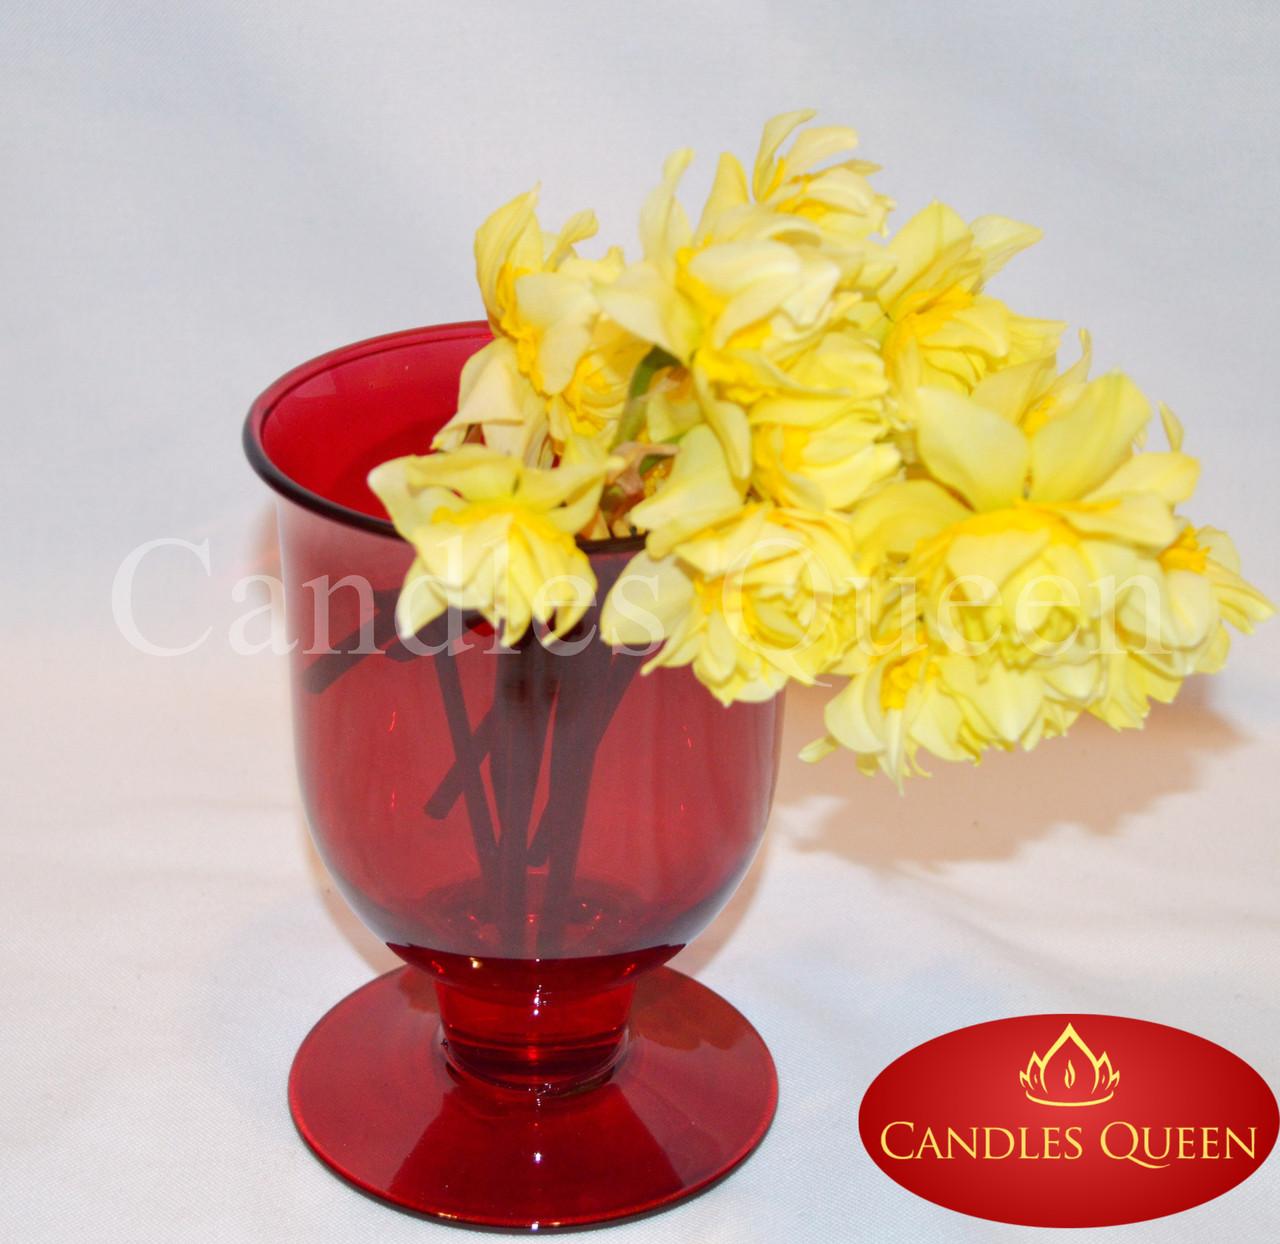 Ваза цветная стеклянная ваза кубок (бокал) 165х110 мм цвет красный (рубин)